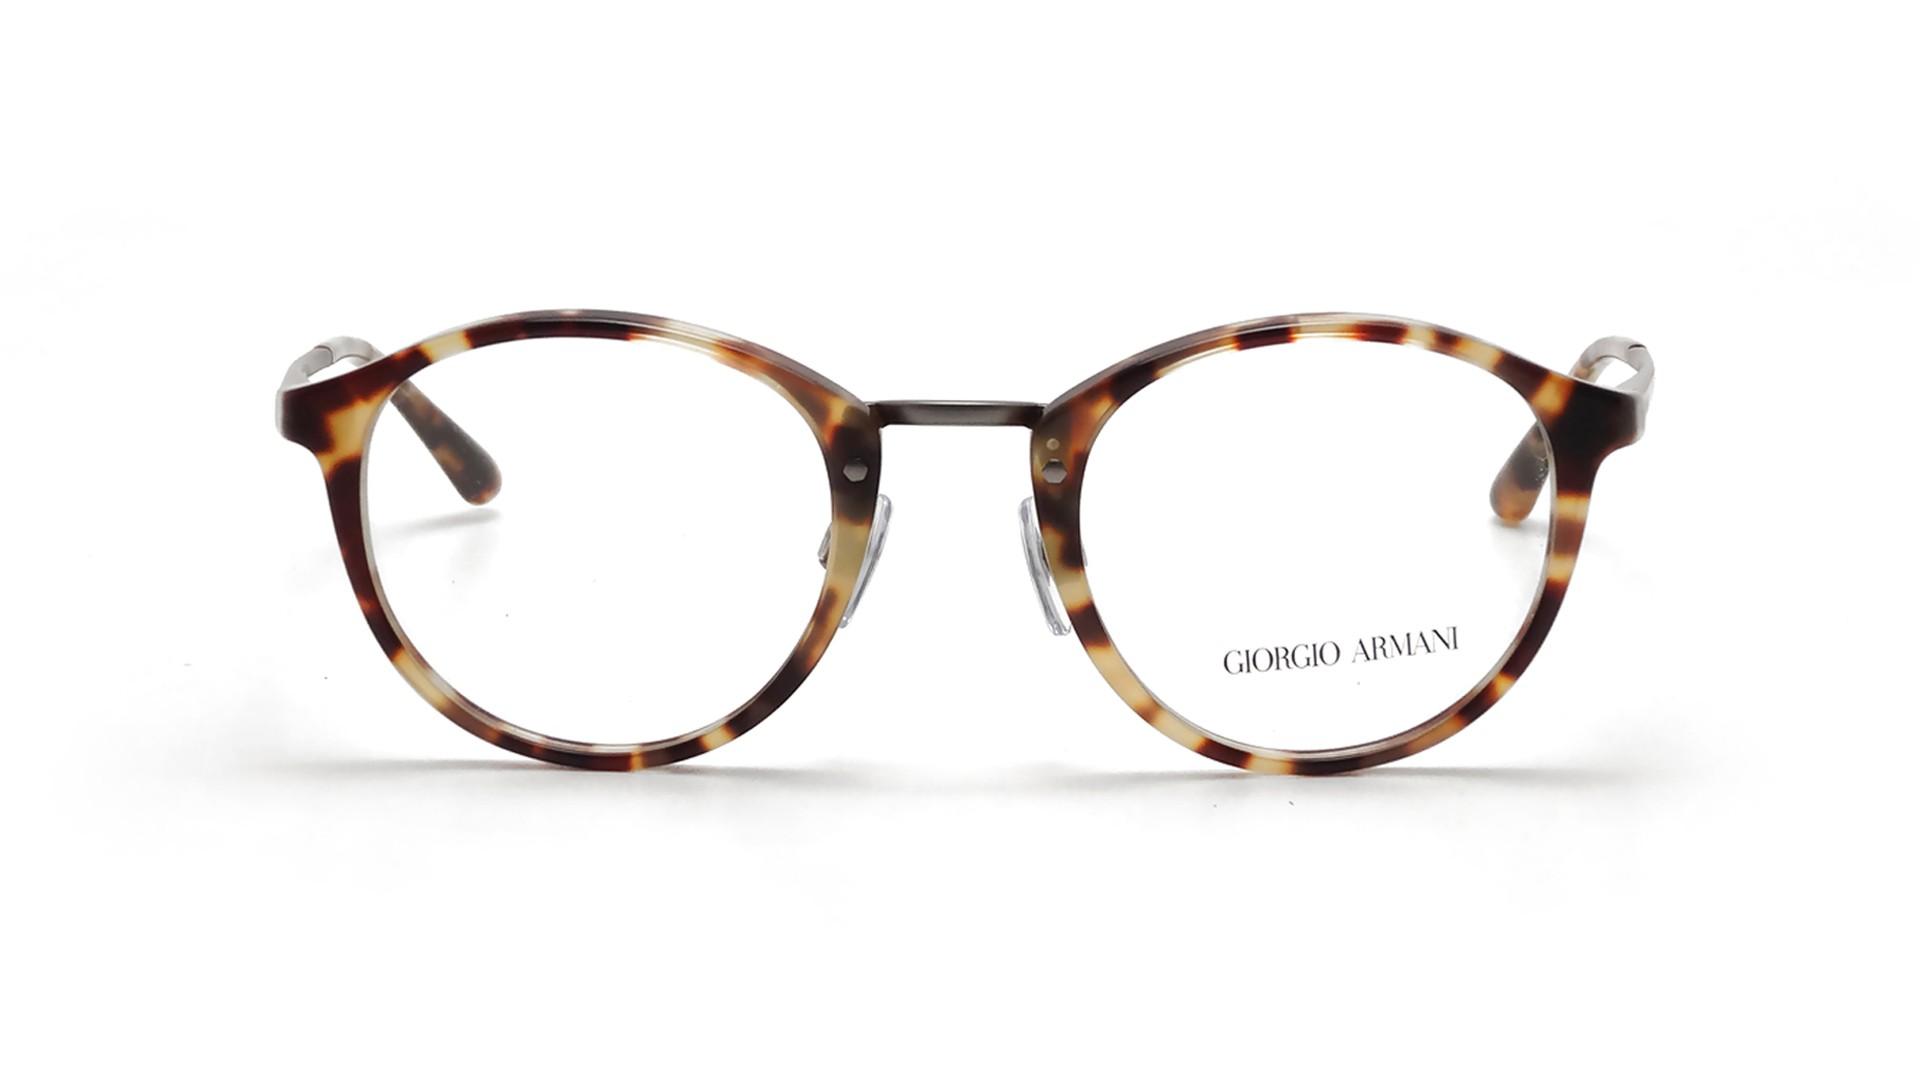 Giorgio Armani Glasses Frames Of Life : Giorgio Armani Frames of Life Tortoise AR7028 5178 48-22 ...